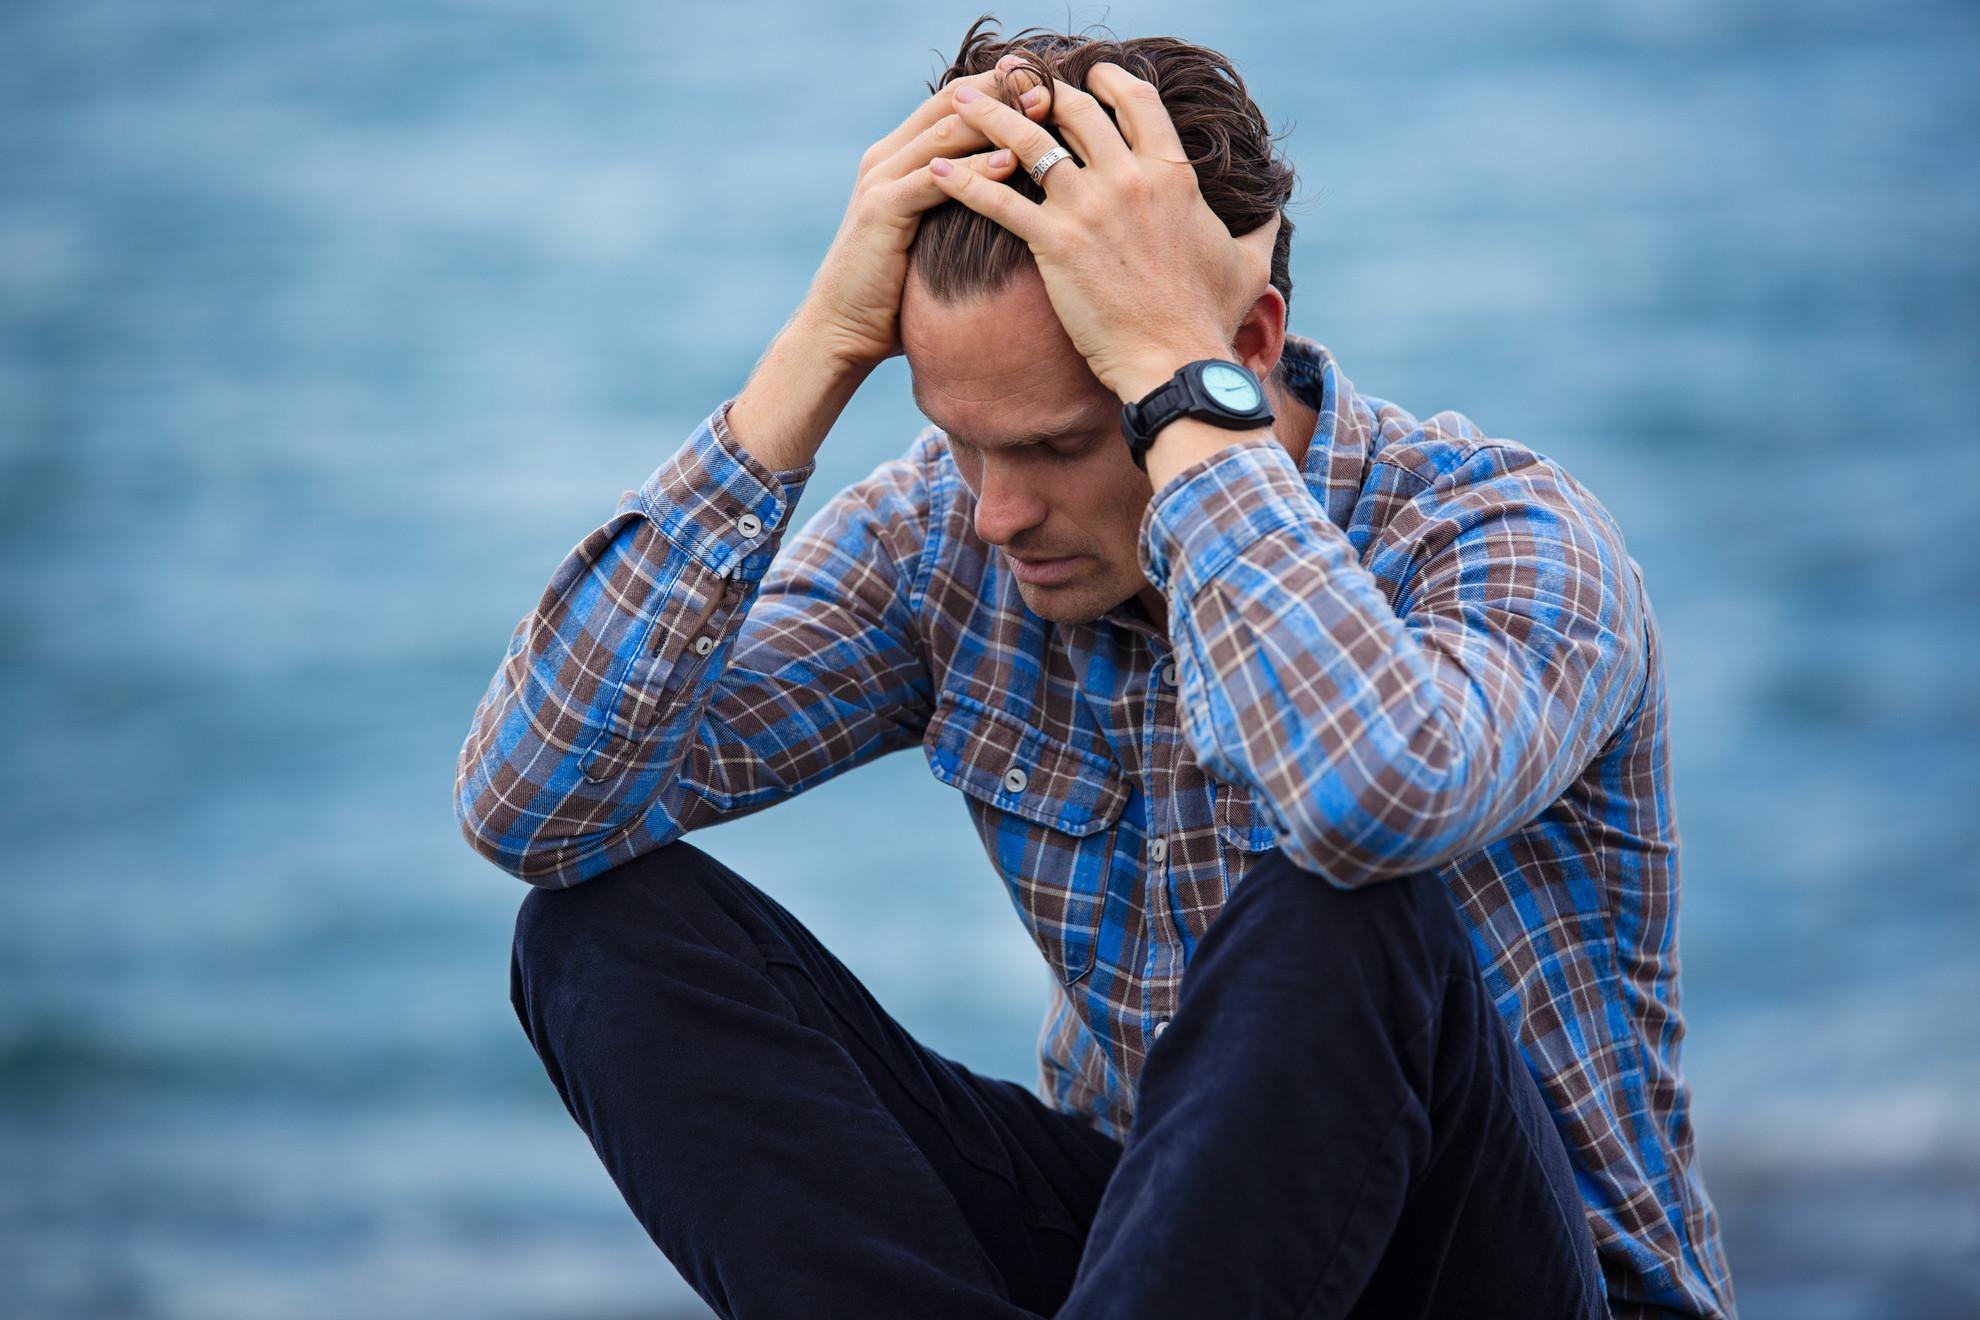 Nem szabad összekeverni a szomorúságot a klinikai depresszióval